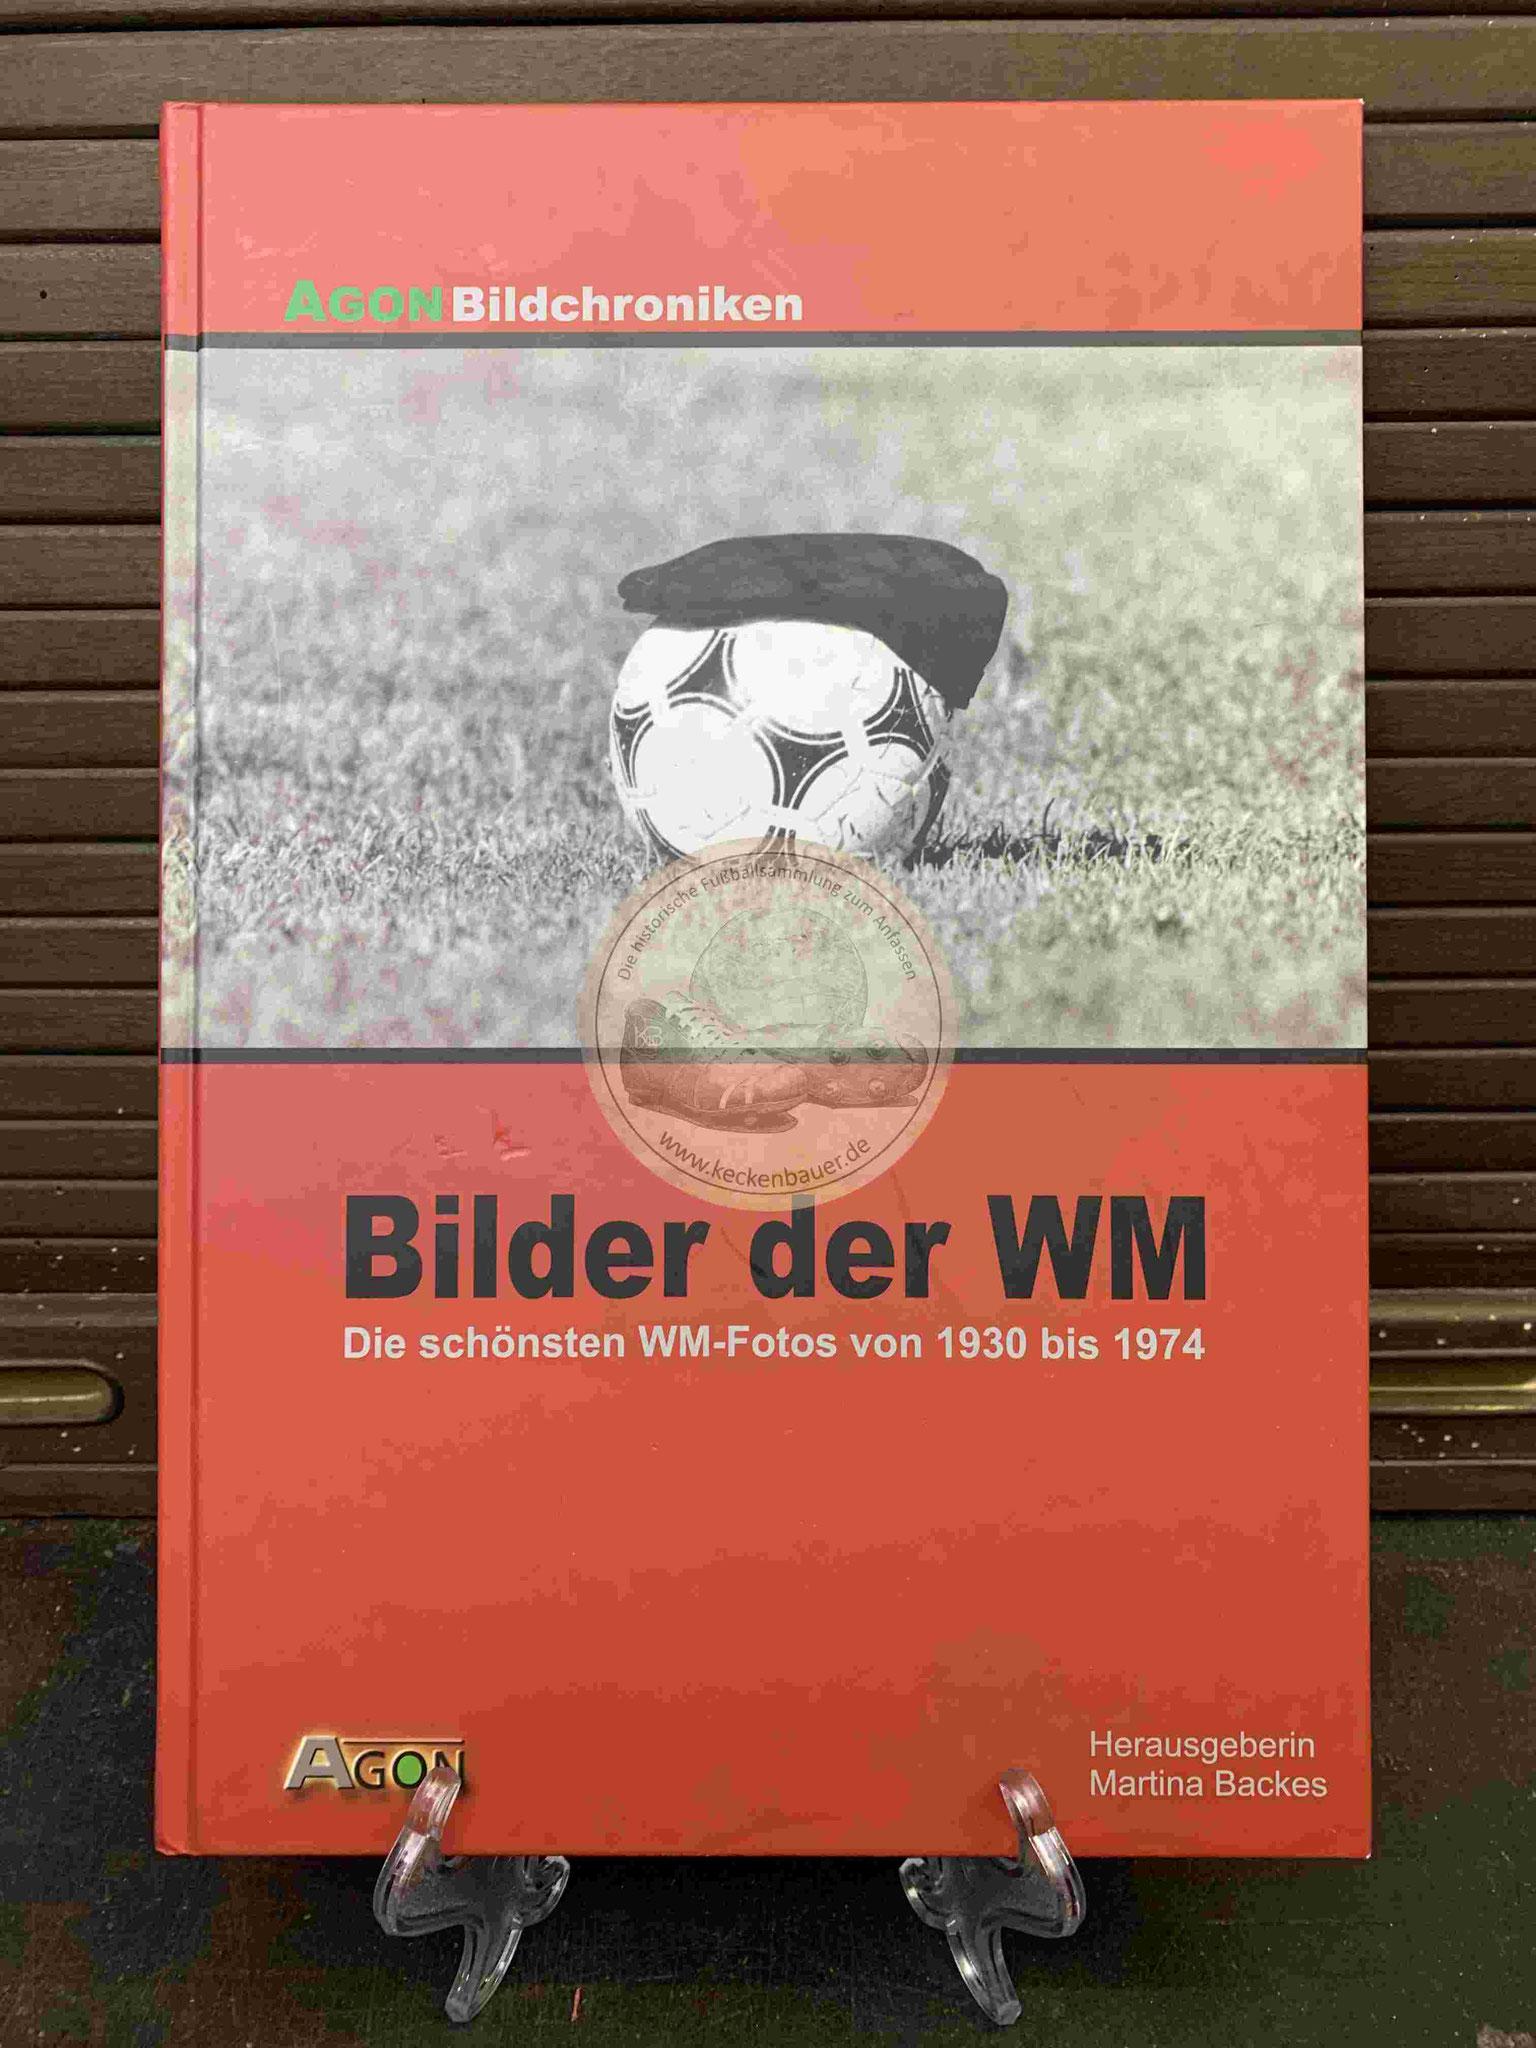 Bilder der WM Die schönsten WM-Fotos von 1930 bis 1974 aus dem Jahr 2005